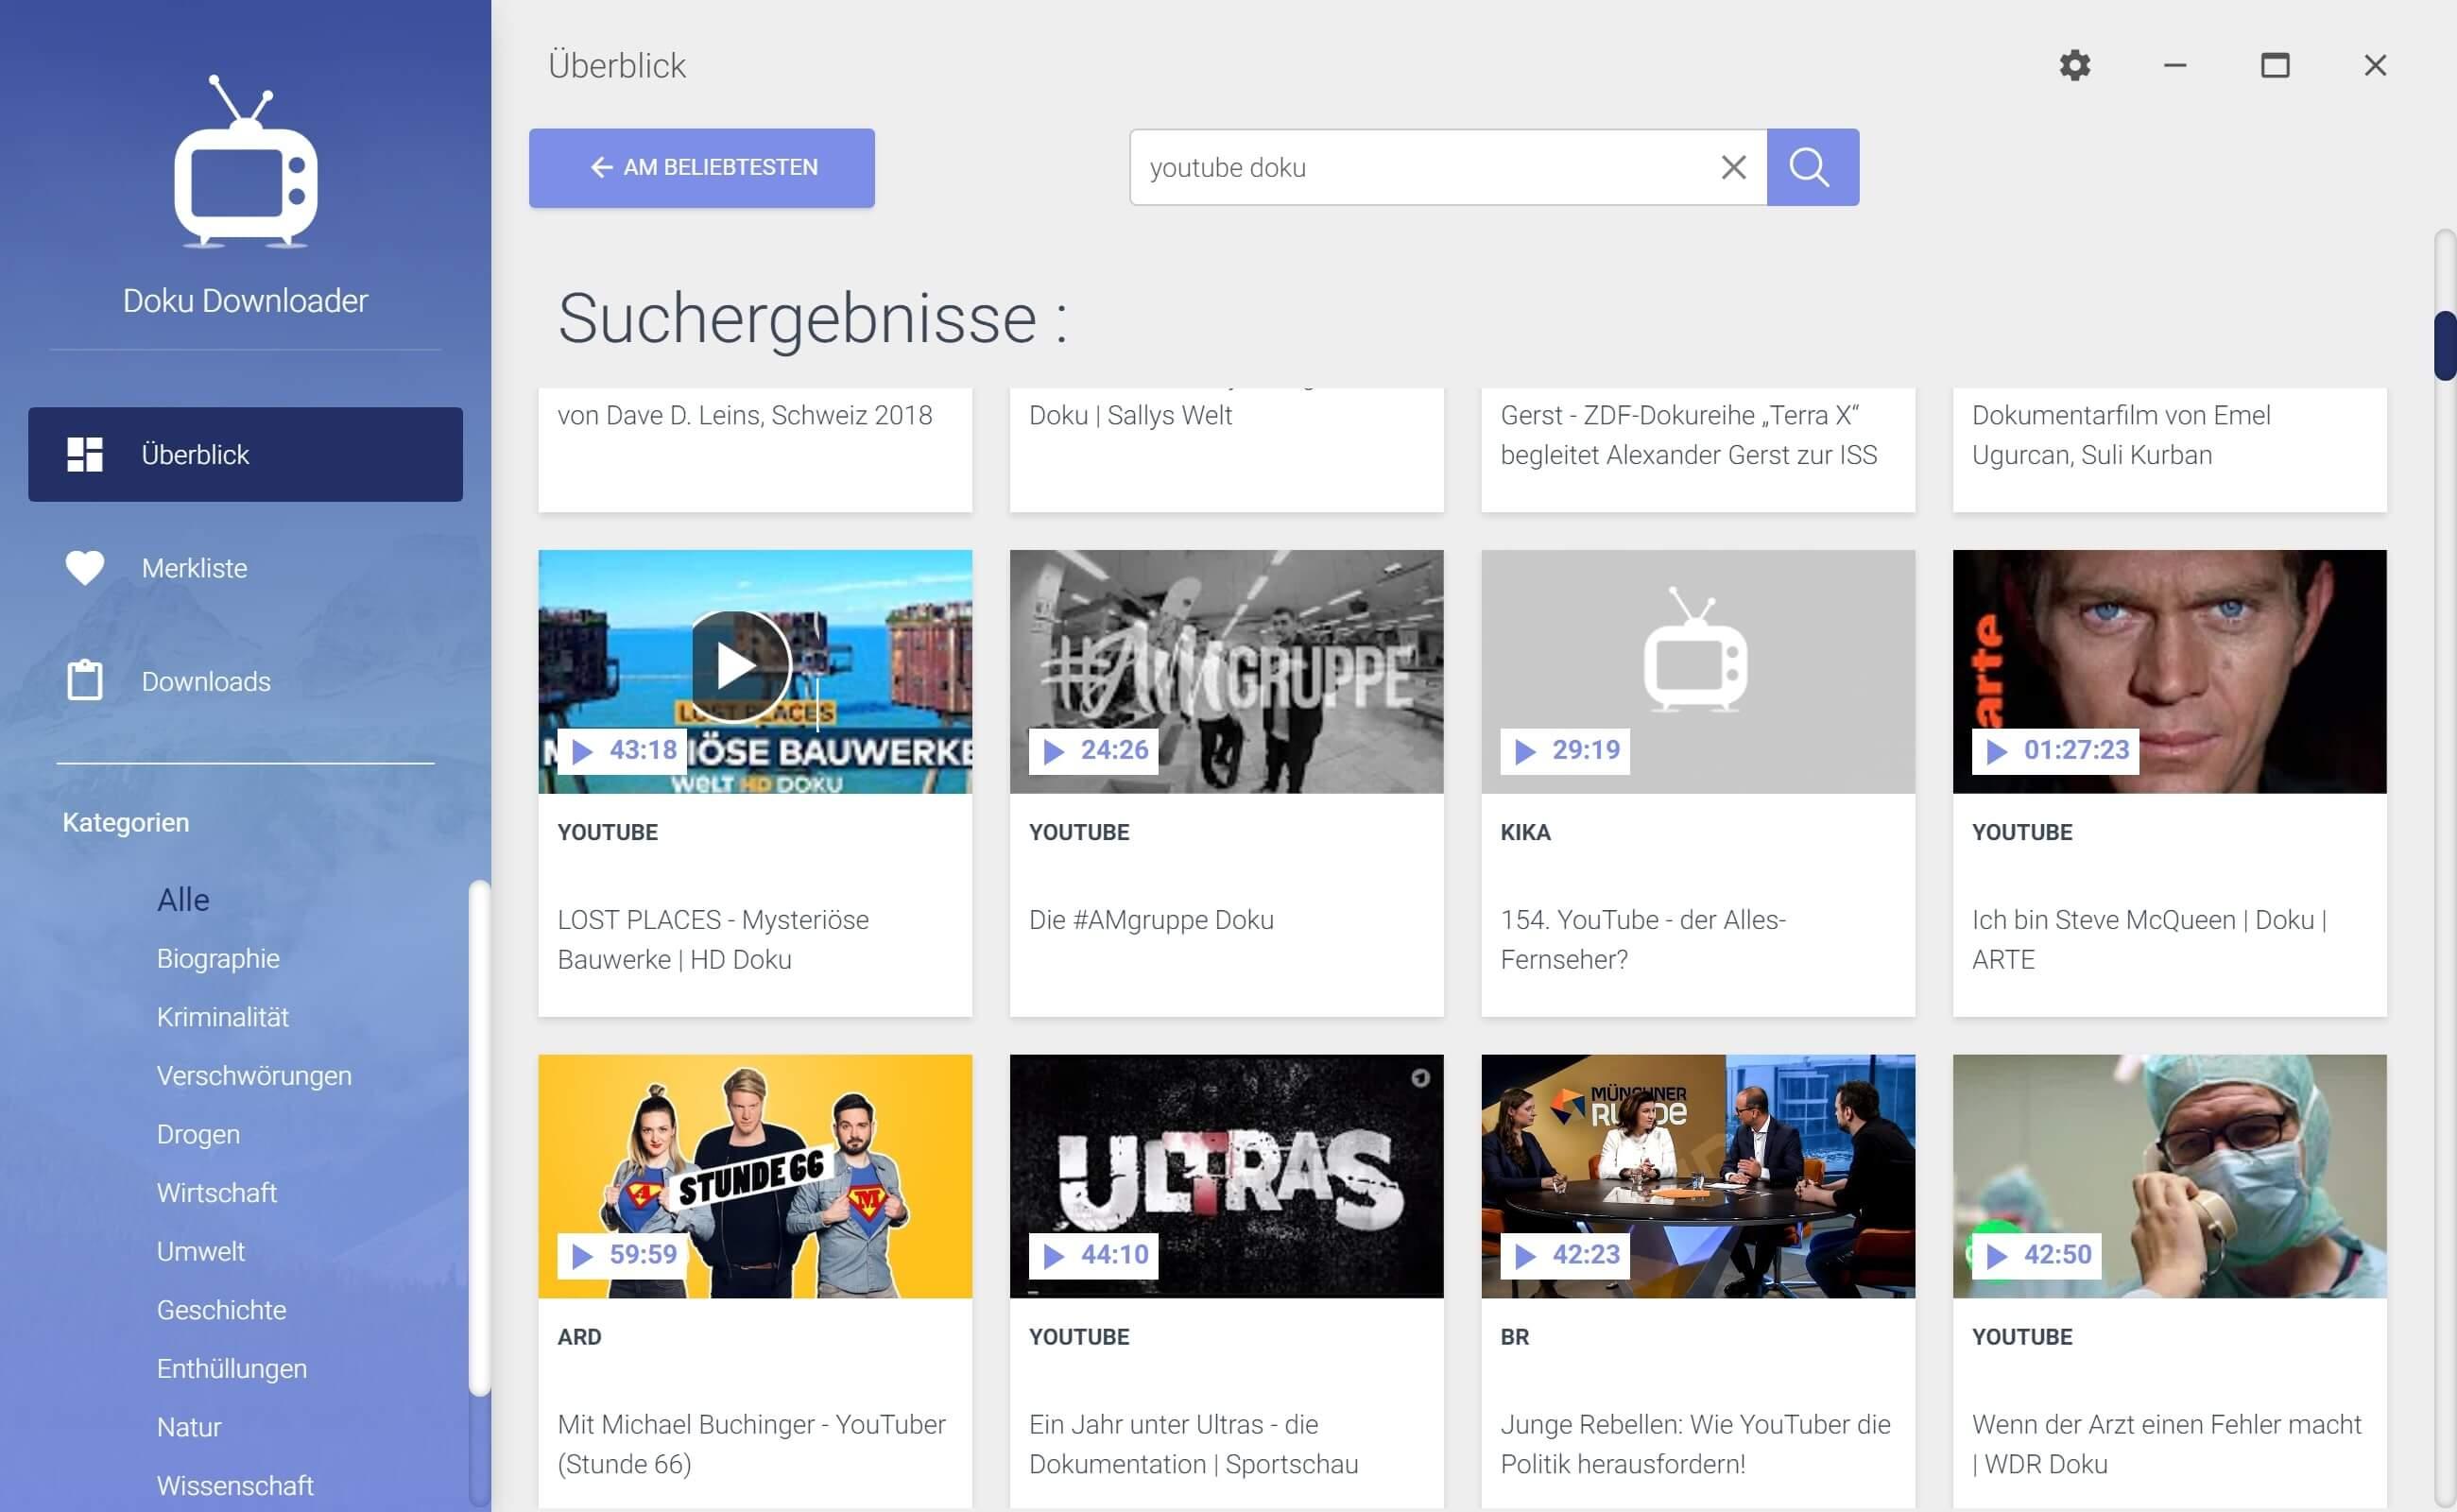 Dokumentationen von Youtube herunterladen - Doku gefunden